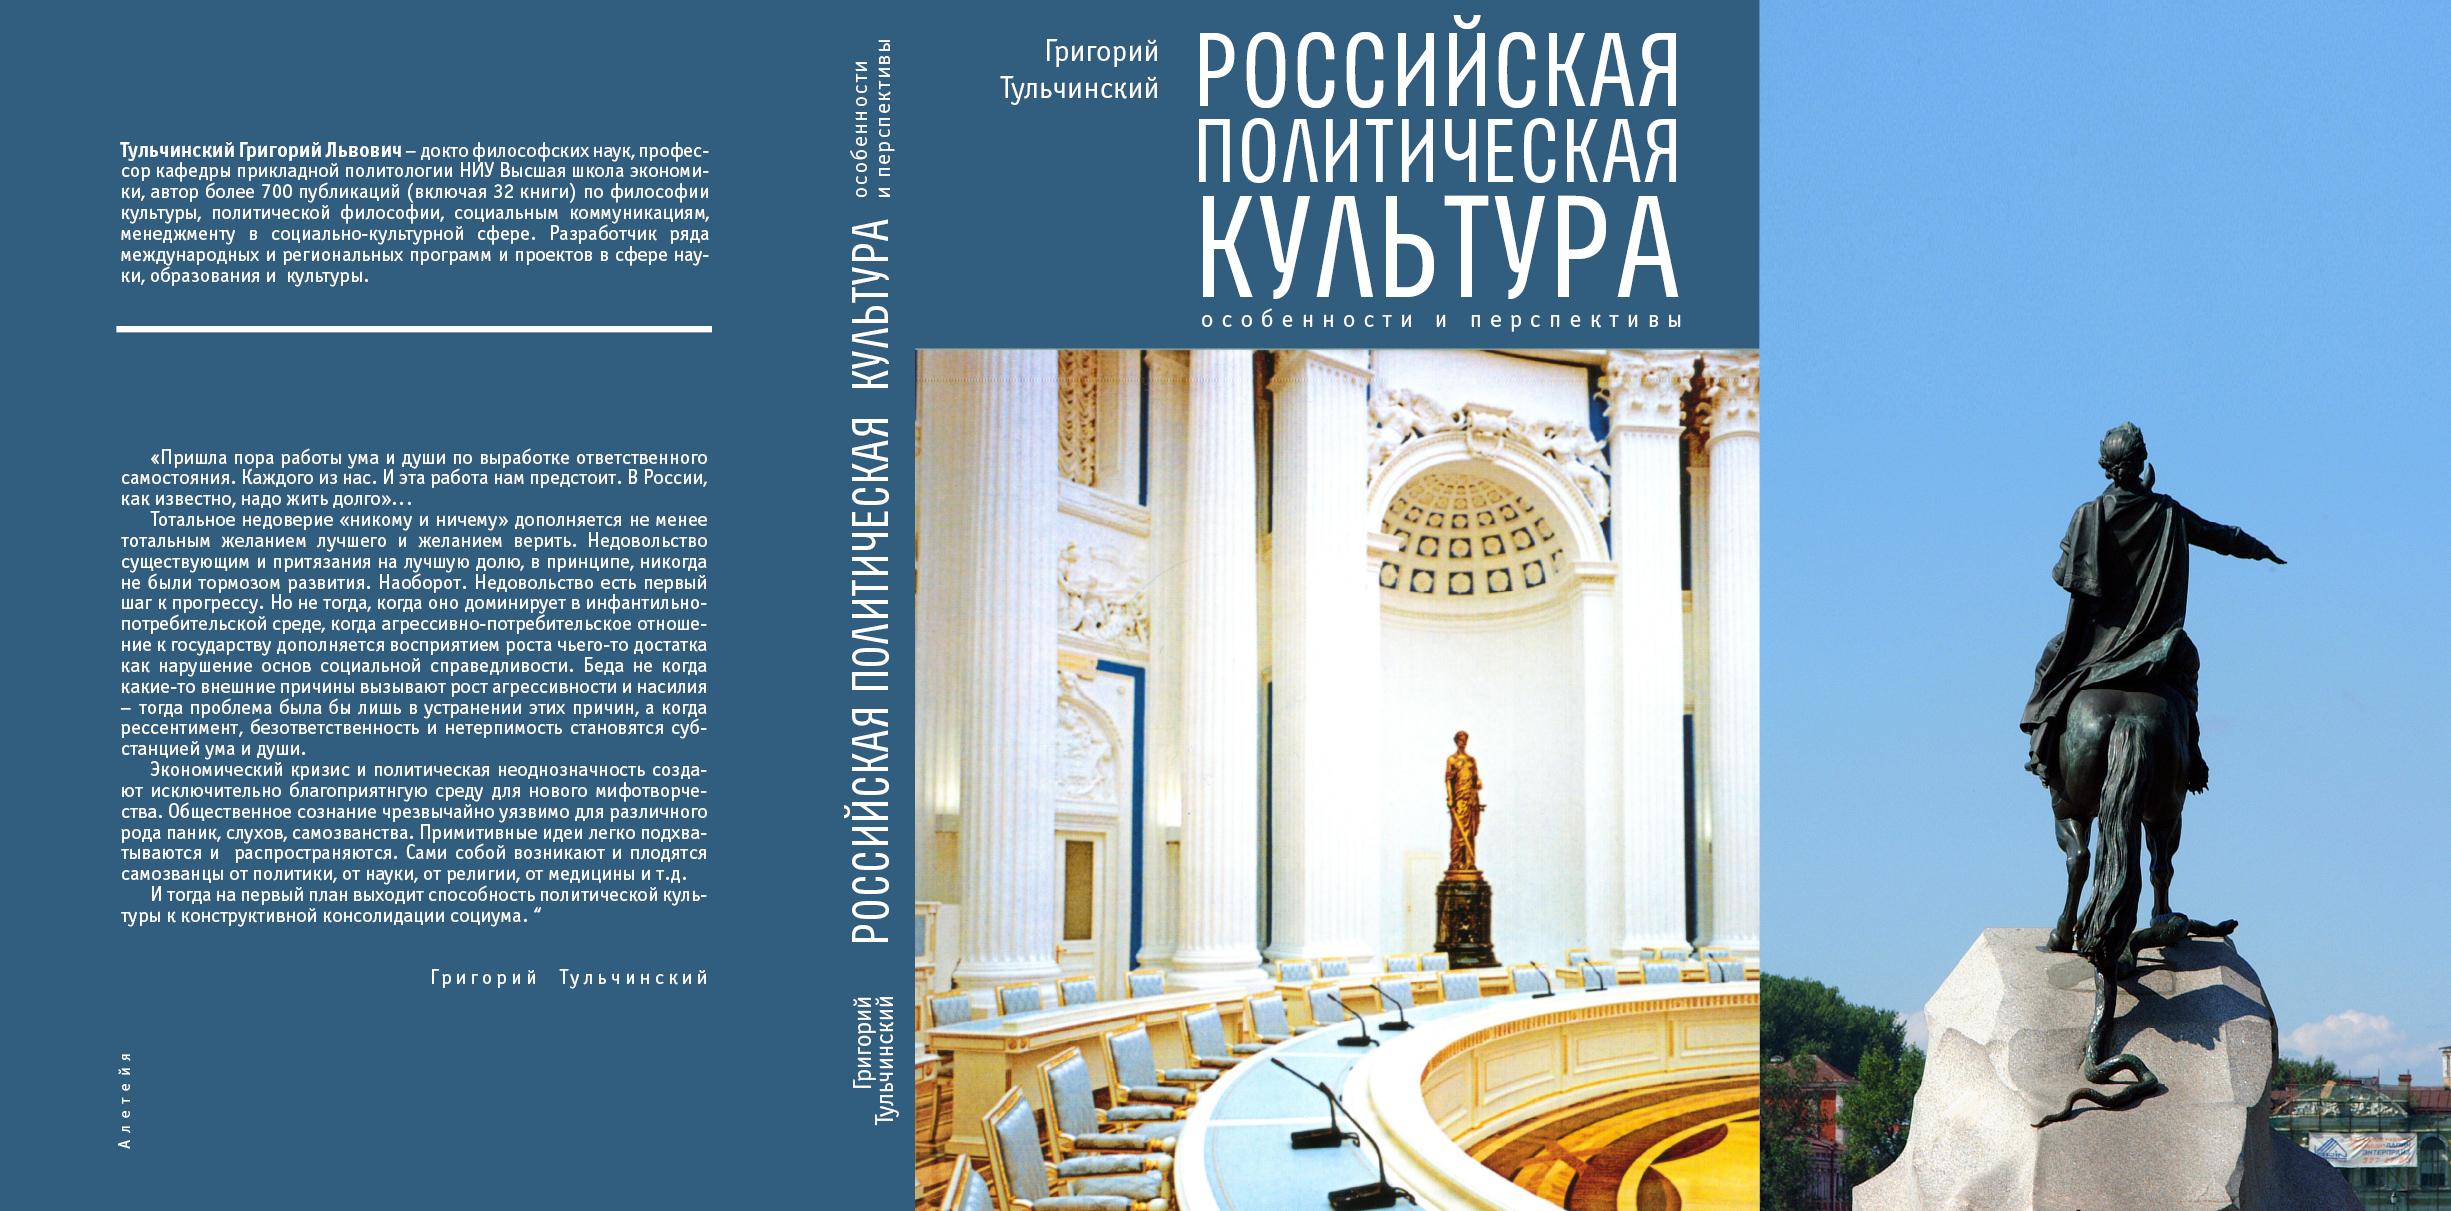 Российская политическая культура: особенности и перспективы. СПб: Алетейя, 2015. – 176 с.